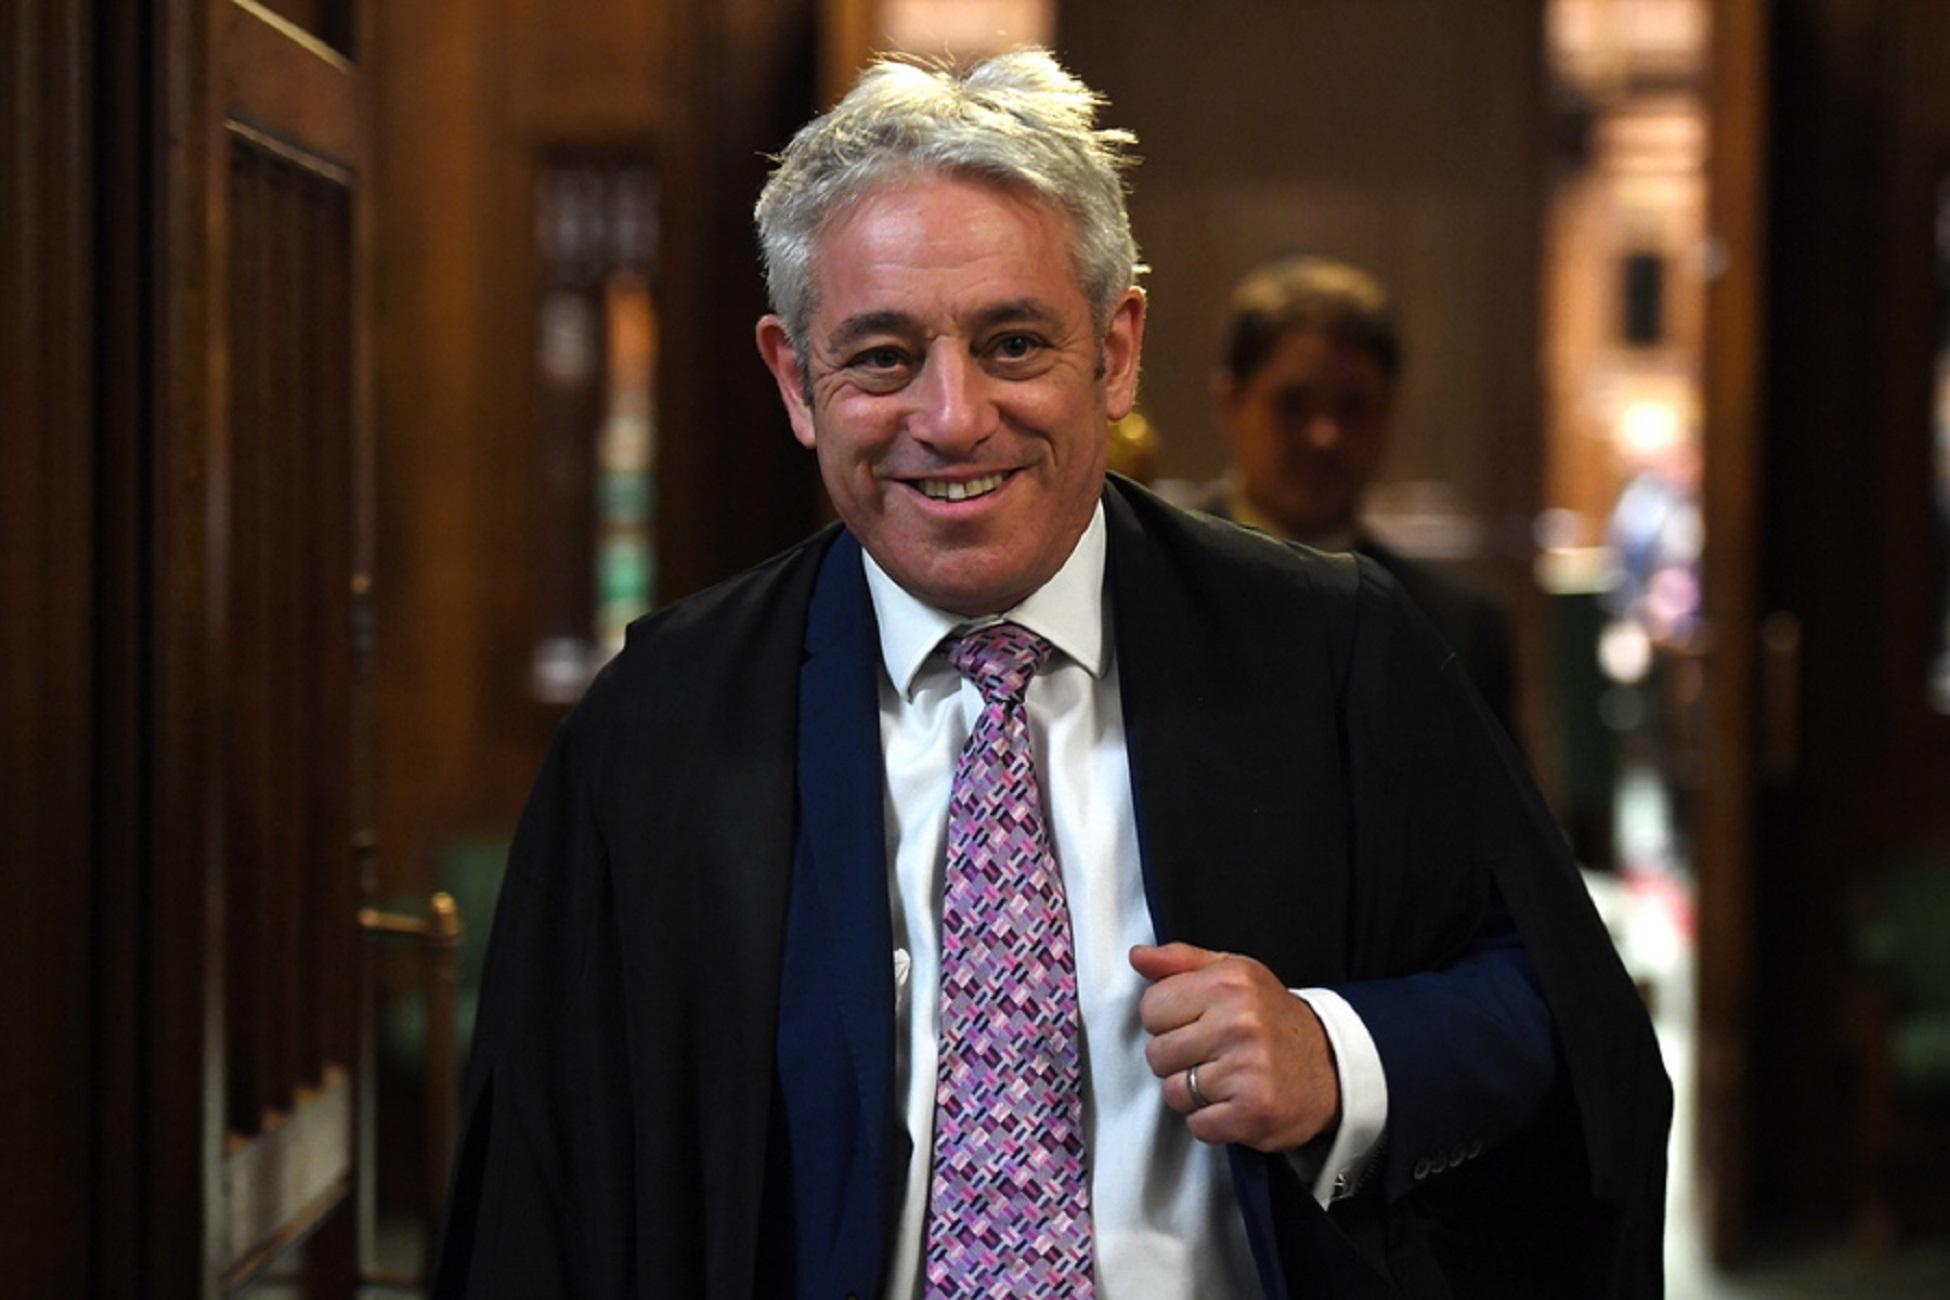 Βρετανία: Στο Εργατικό Κόμμα ο πρώην πρόεδρος της Βουλής των Κοινοτήτων Τζο Μπέρκοου